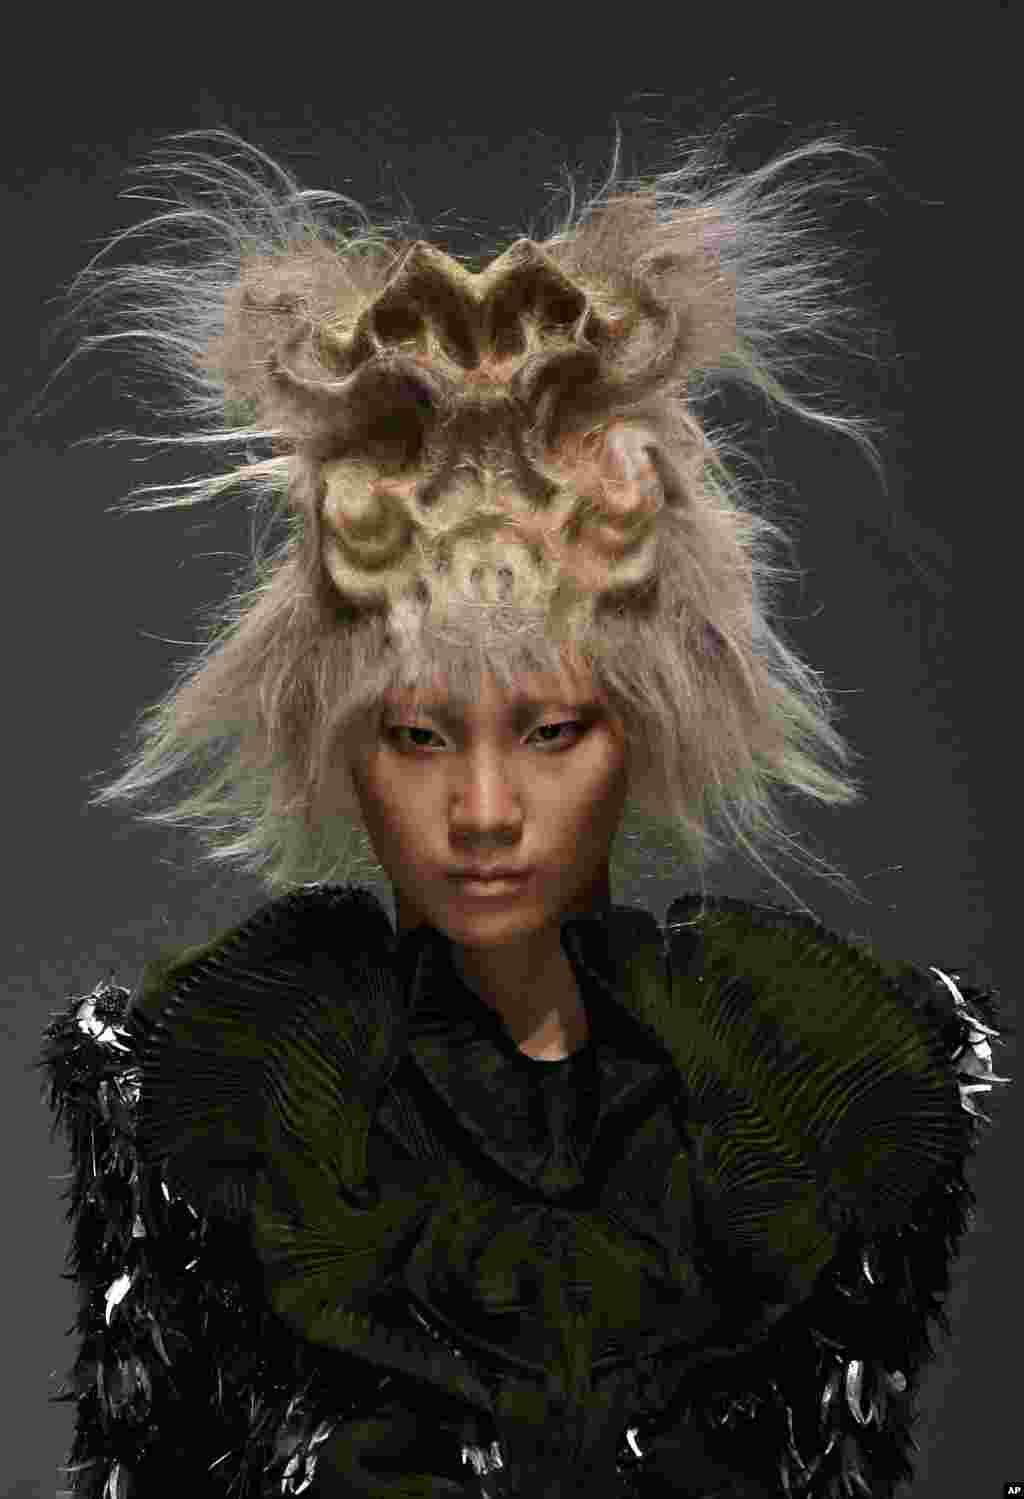 Seorang model memamerkan model rambut koleksi stylist 'Toni & Guy 2015' dalam pameran fesyen diBeijing.